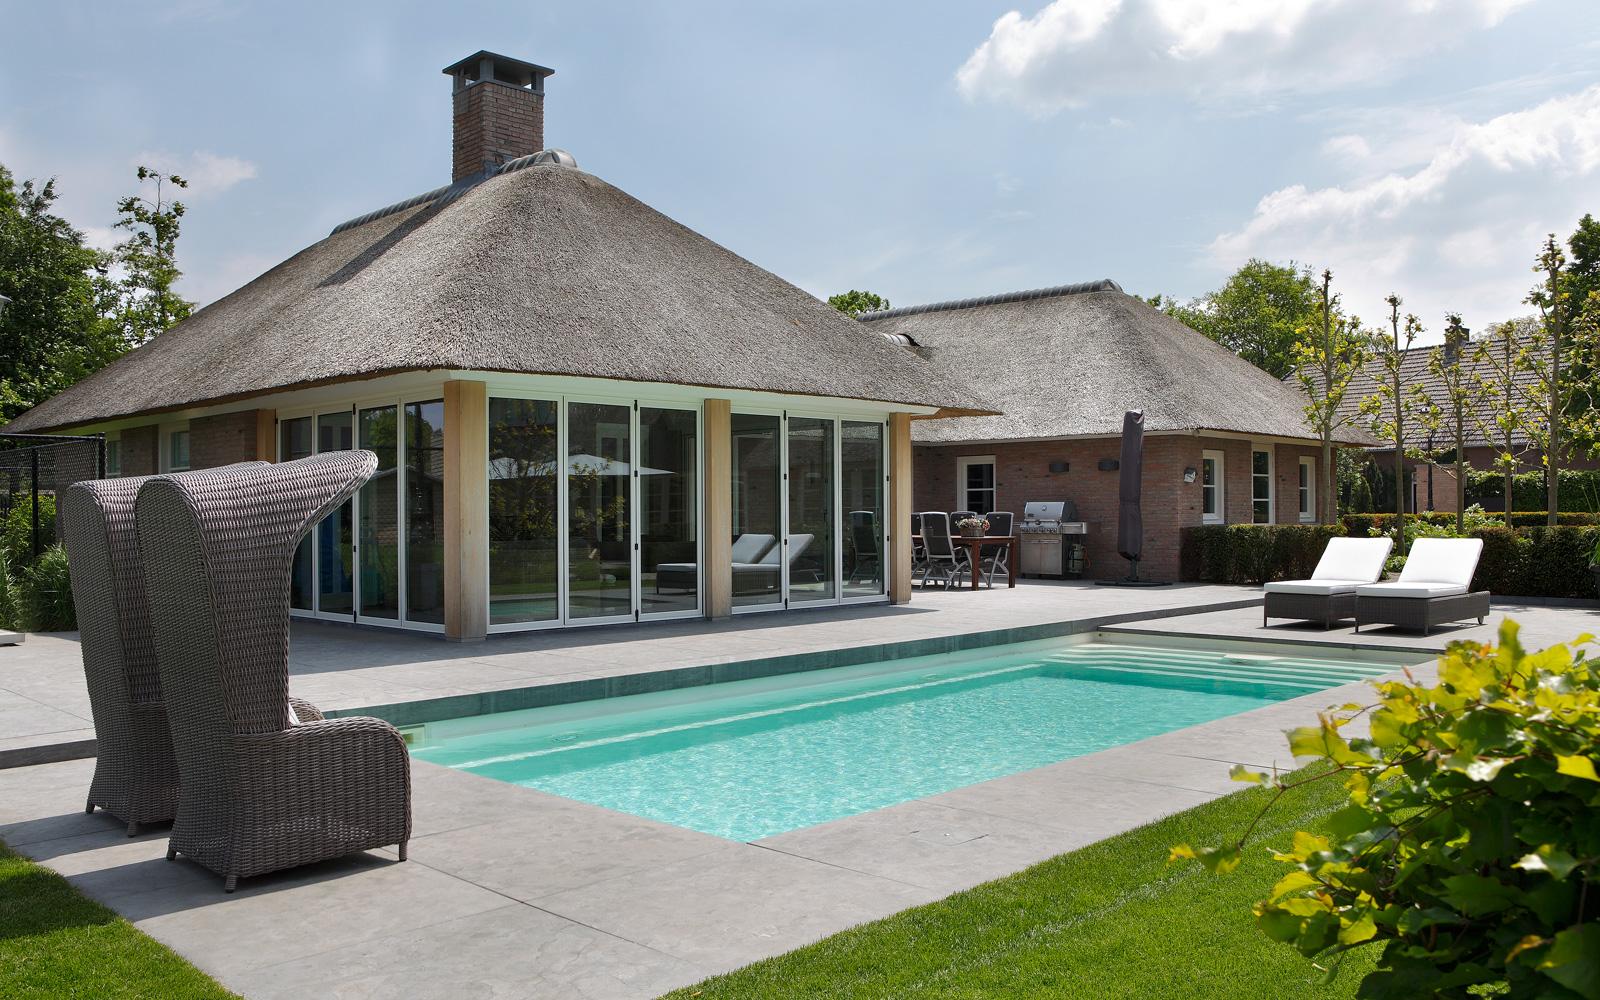 Tuin, PUUR Groenprojecten, zwembad, rieten dak, BOREK, buitenmeubilair, hedendaags landhuis, Marco Daverveld